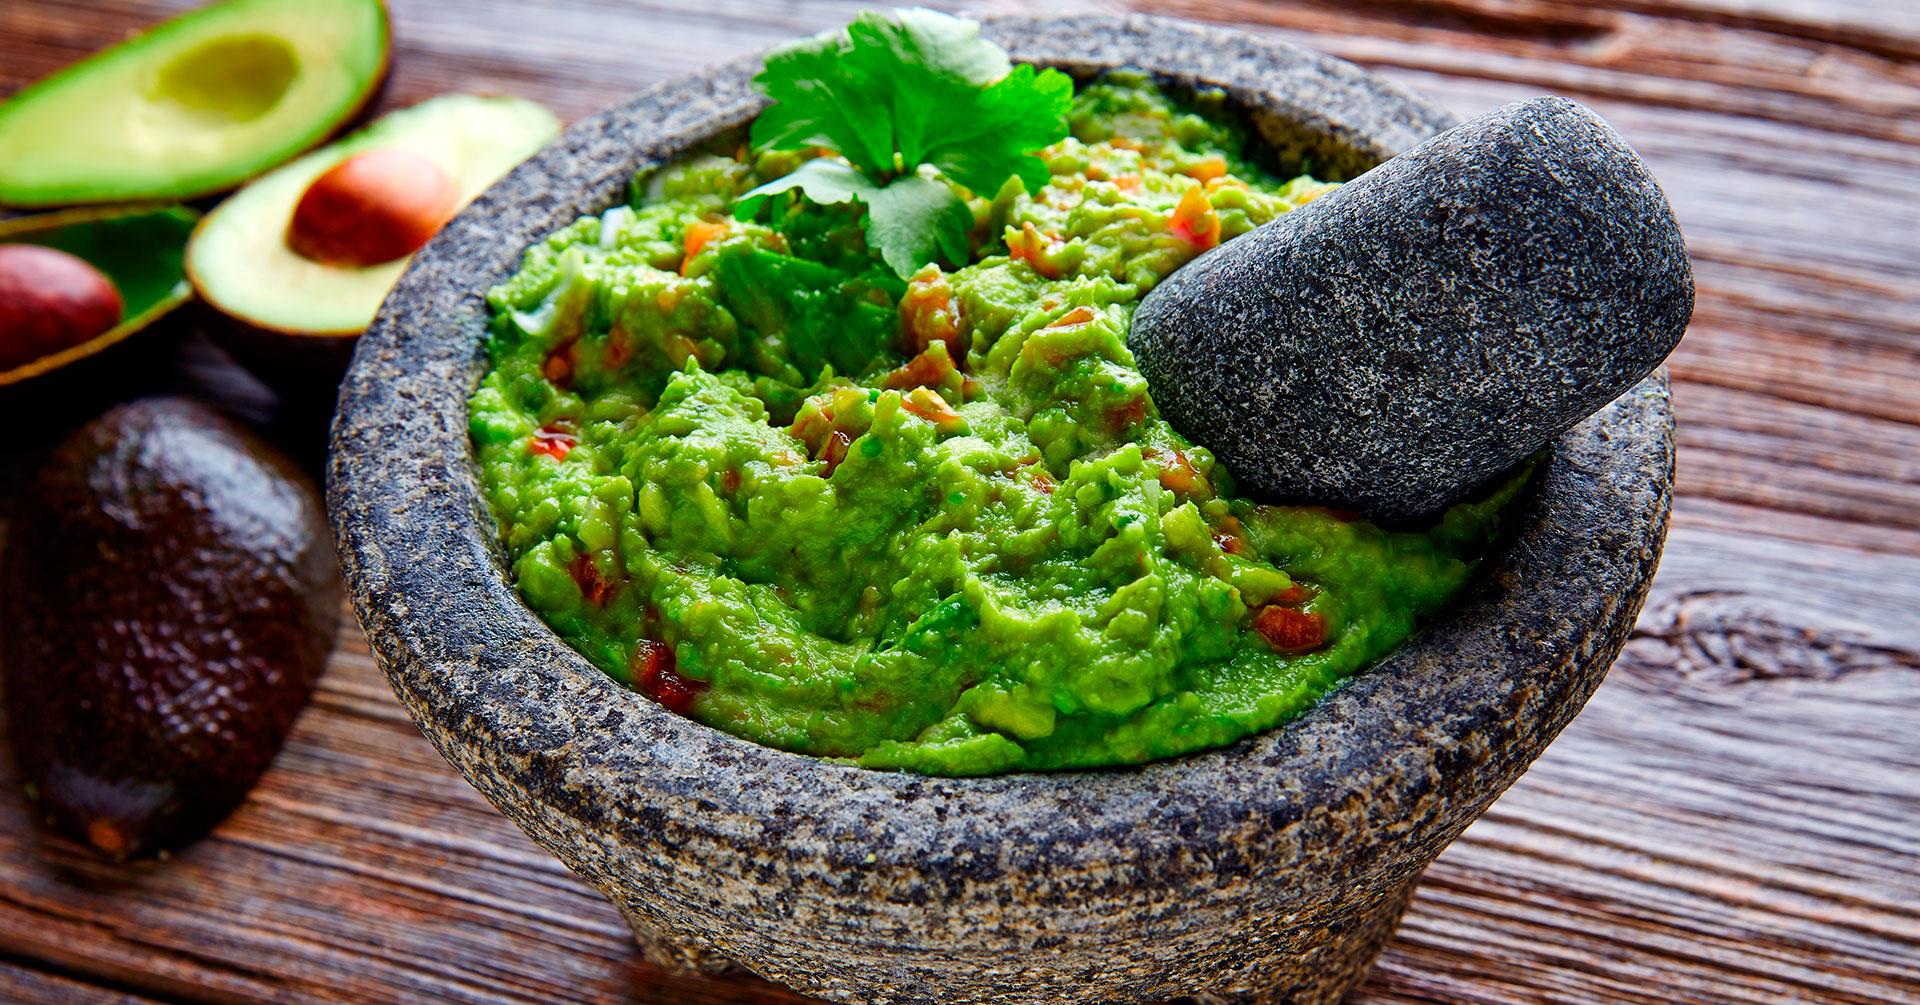 Prueba este rico guacamole con granola